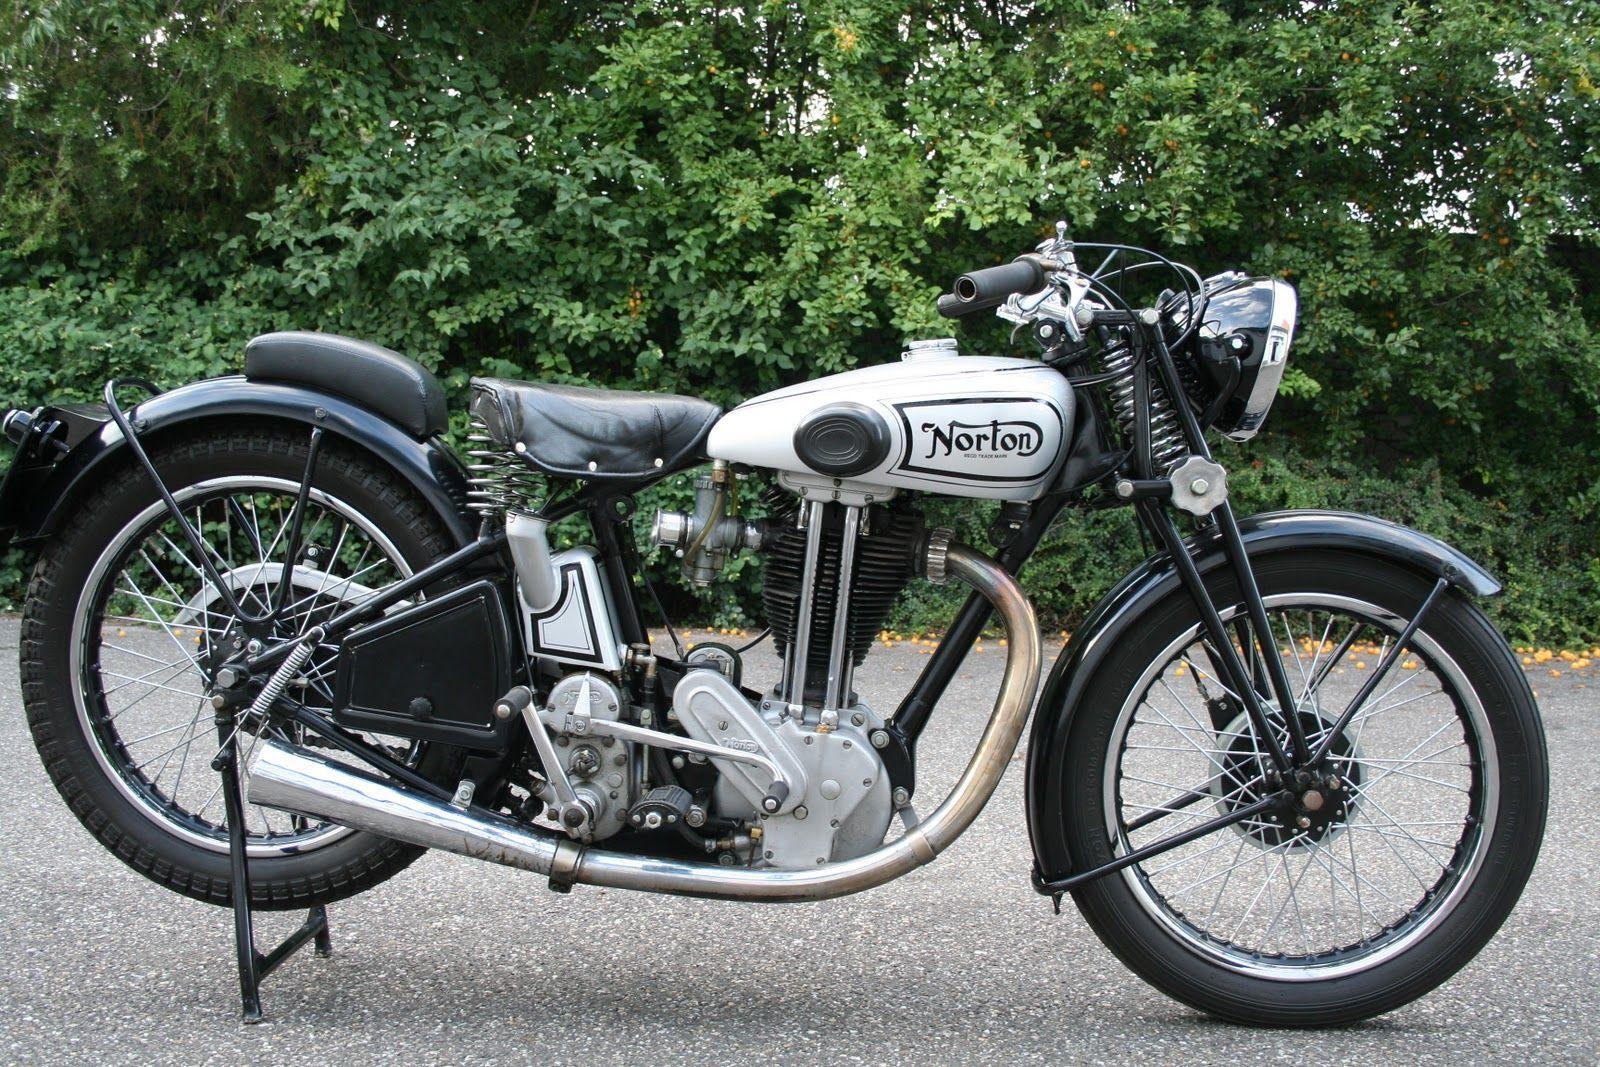 norton motorcycle | Vintage Norton Motorcycles: Peter's Model 19 Norton